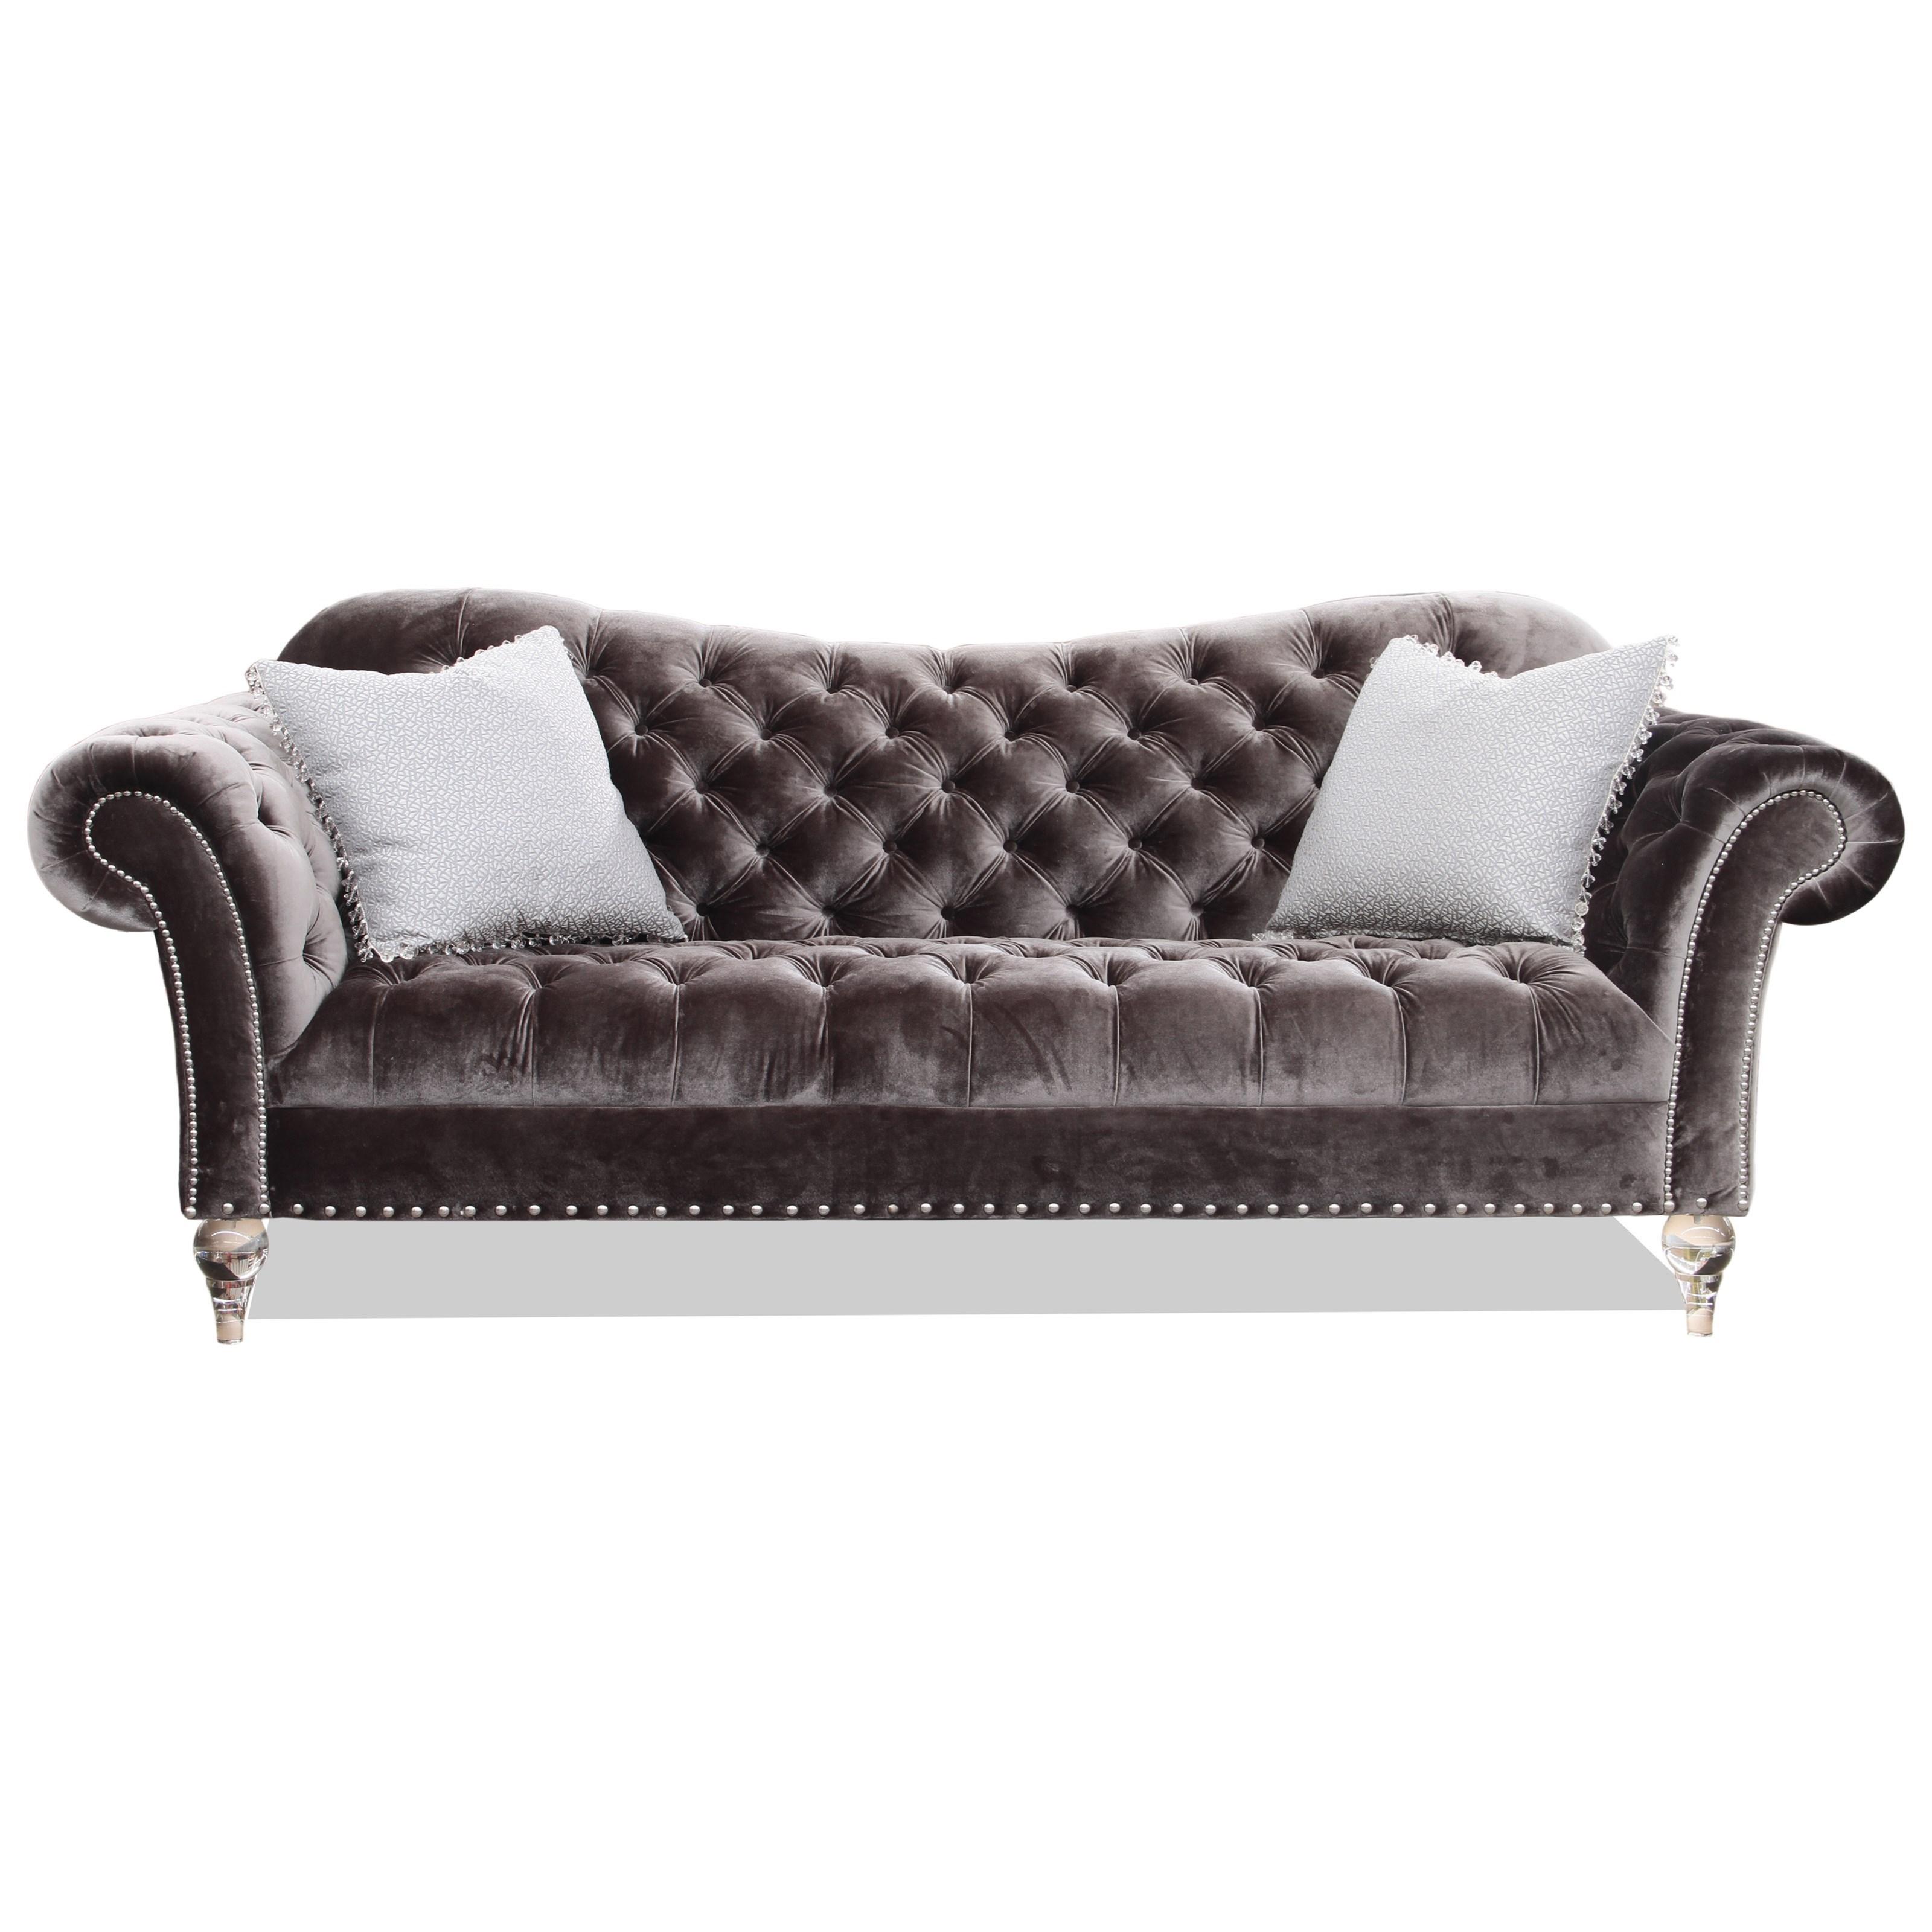 Rachlin Classics Vanna Traditional Sofa With Deep Tufted